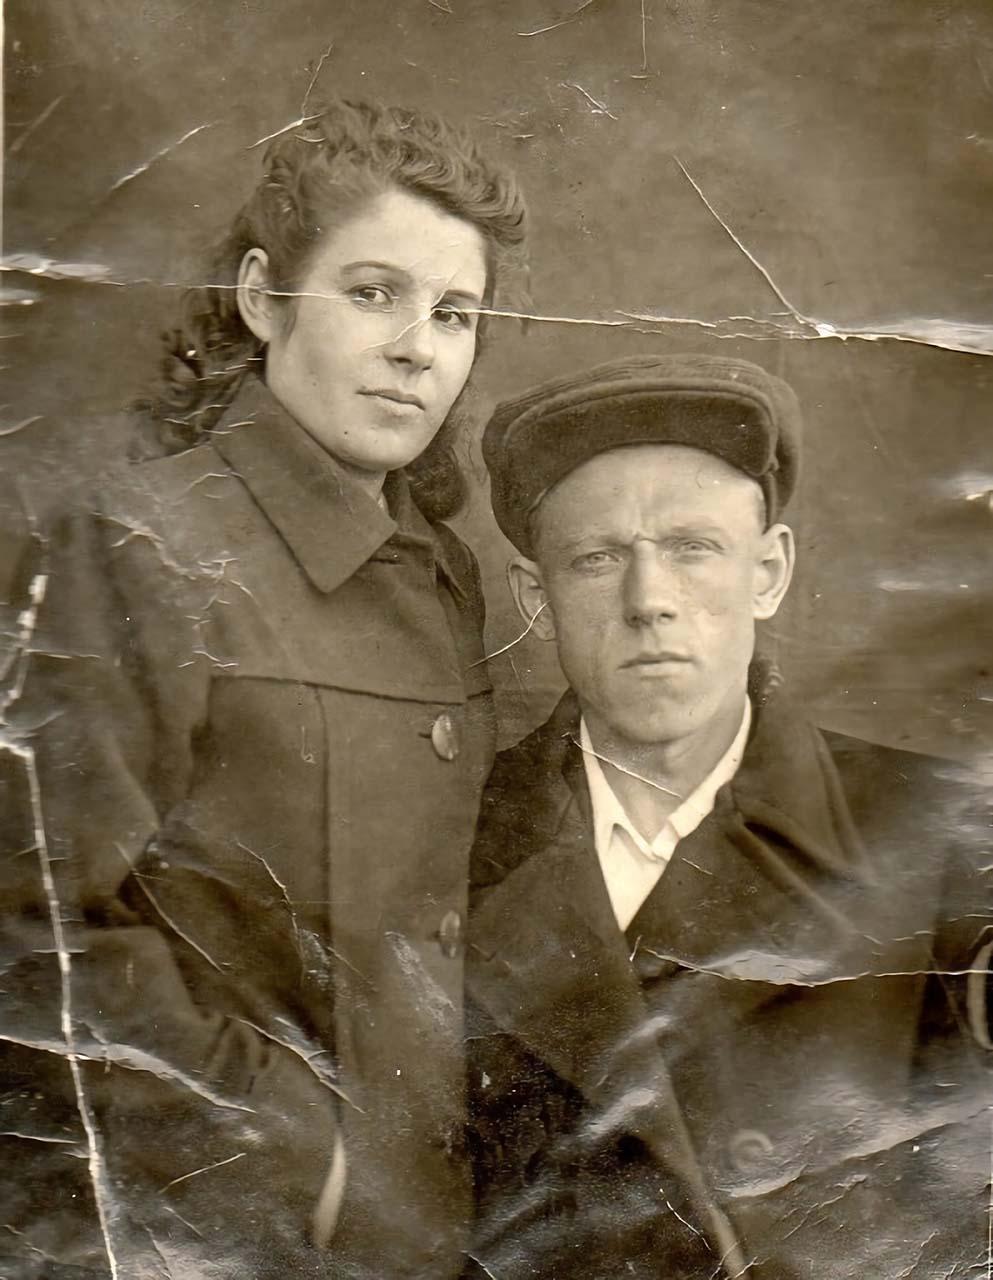 Участок Филончик, прииск «Штурмовой», Северное ГПУ Дальстроя, 1948 год... Начальник участка, горный инженер 2-го ранга Д. Устинов с супругой Александрой.